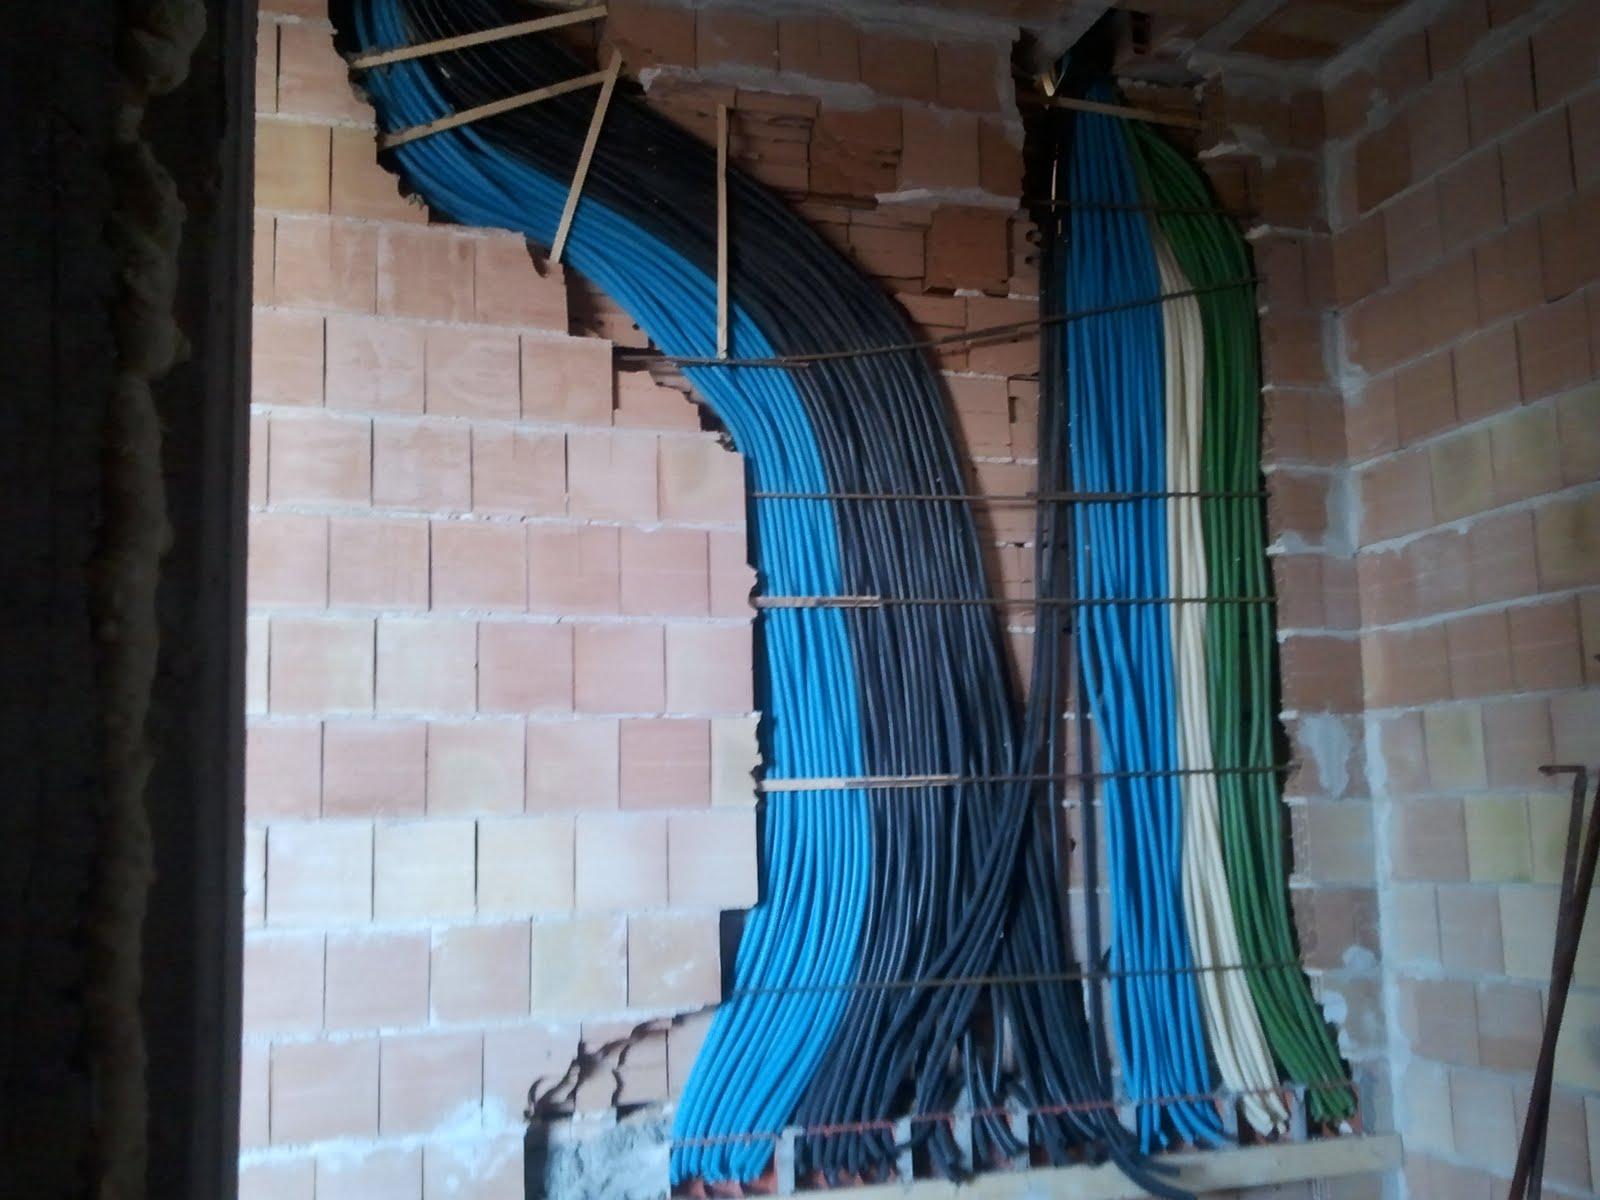 Cooperativa borgonuovo 167 barletta febbraio 2011 - Sezione cavi elettrici casa ...